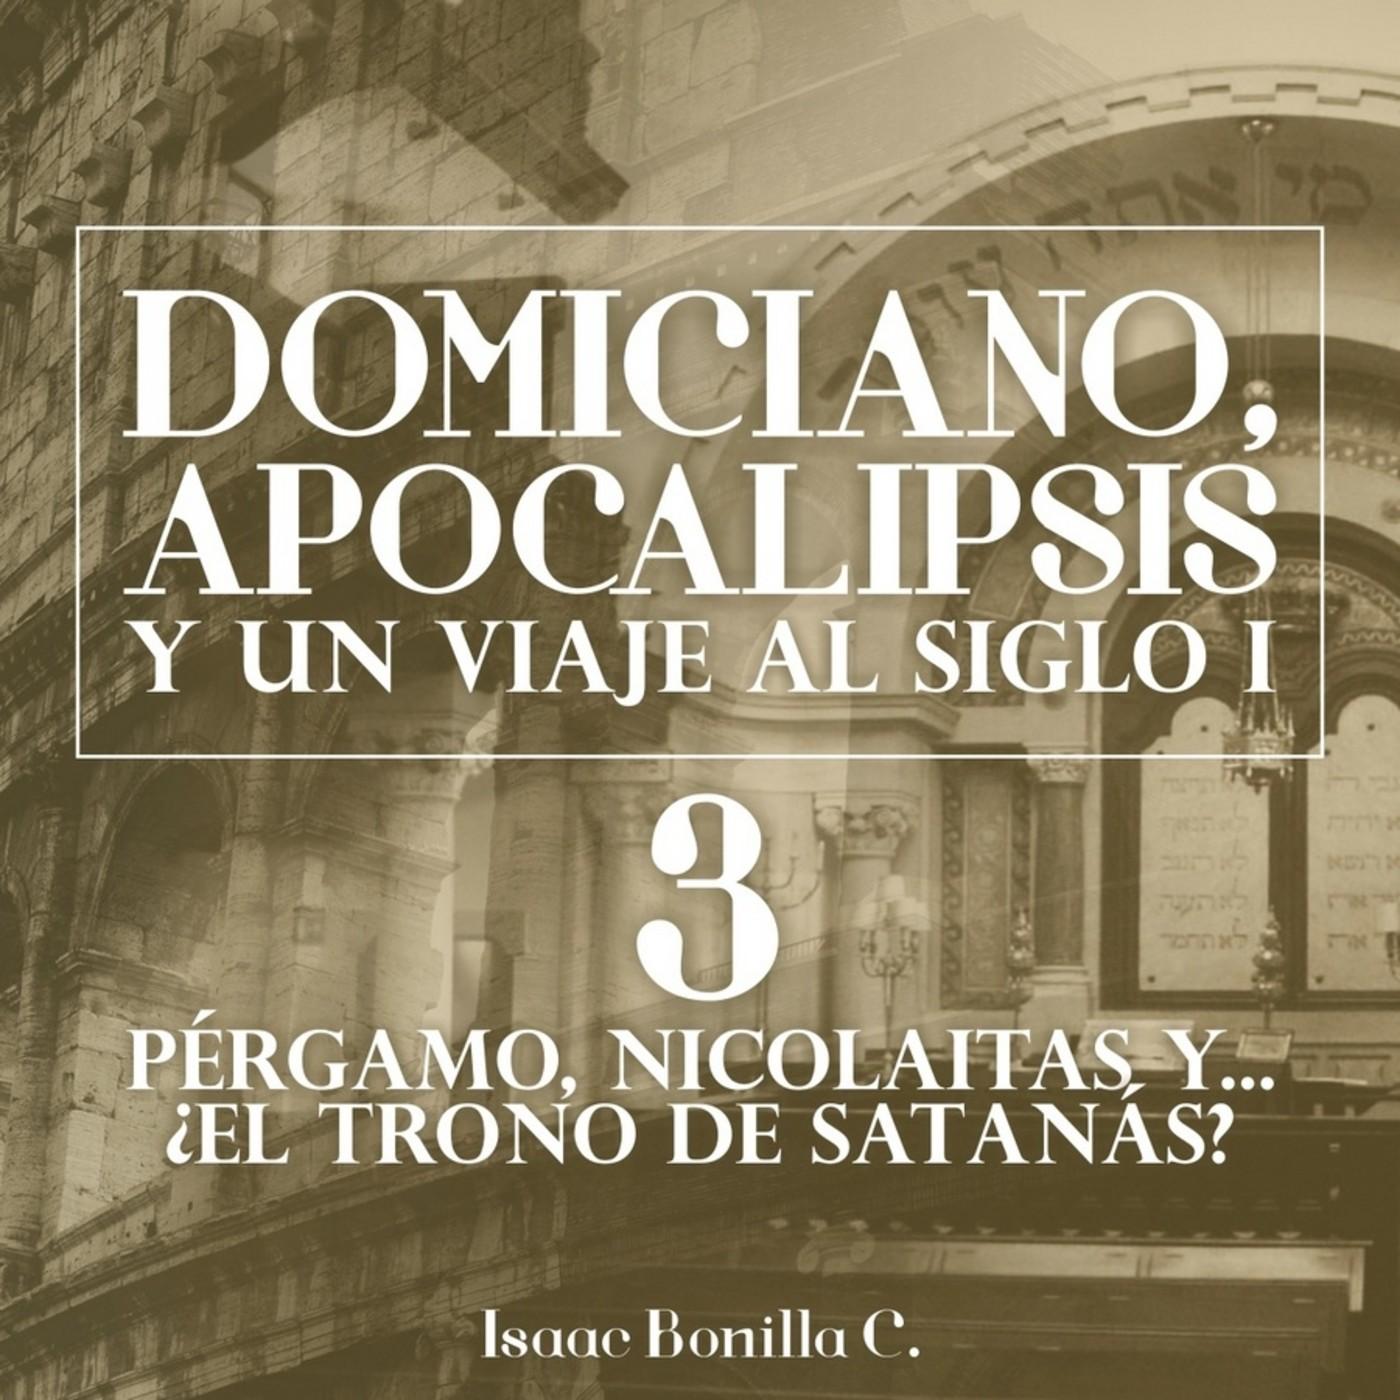 03 Mensaje a las 7 comunidades Pte 3 Pérgamo, Nicolaitas y... ¿El trono de Satanás? - Isaac Bonilla C.